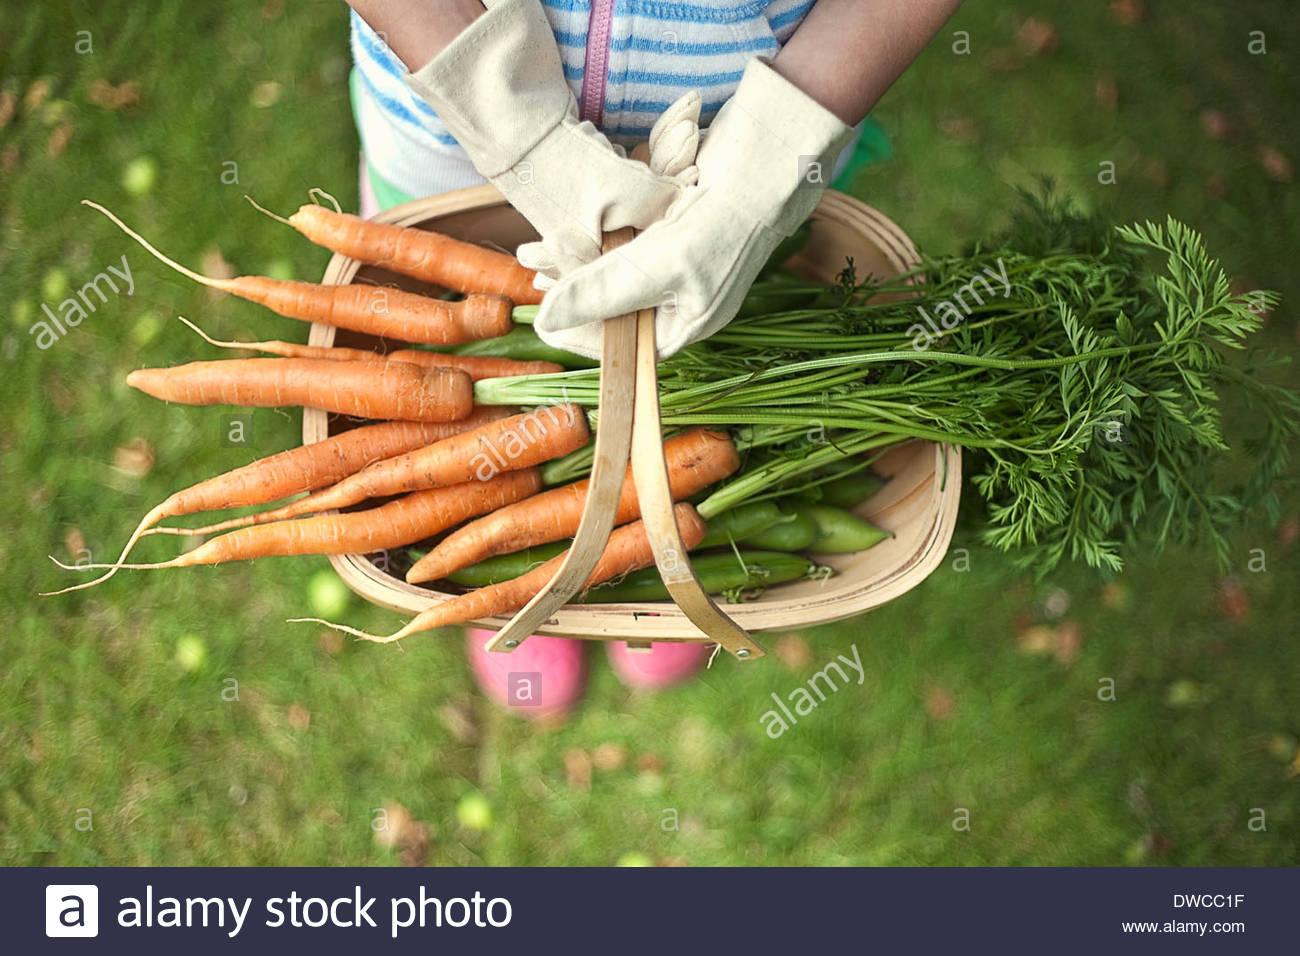 Garten Trug der Karotten Stockbild